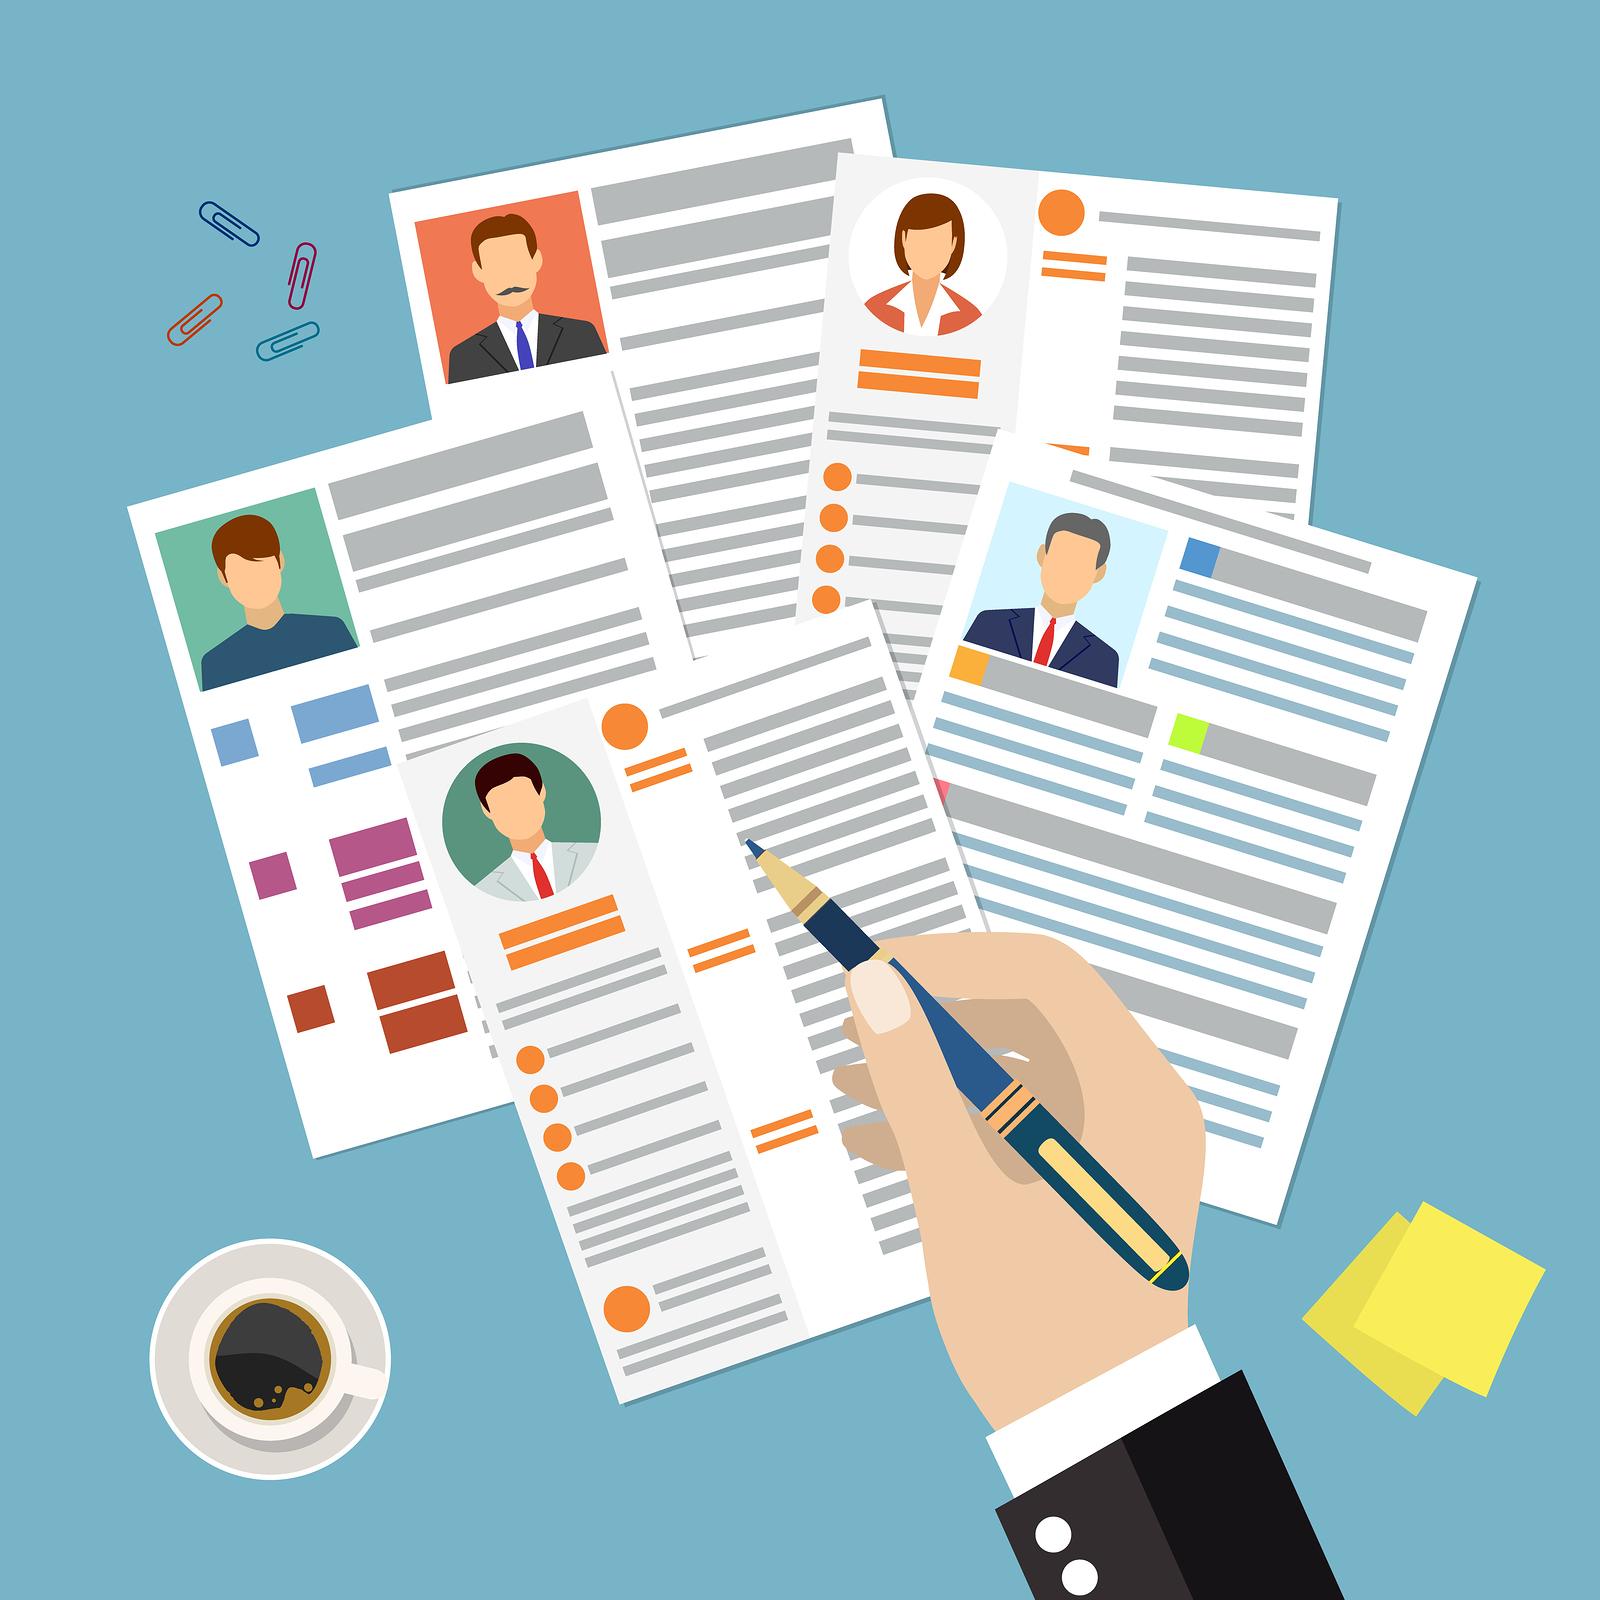 Buscas empleo? Verifica que tu CV no tenga estas palabras